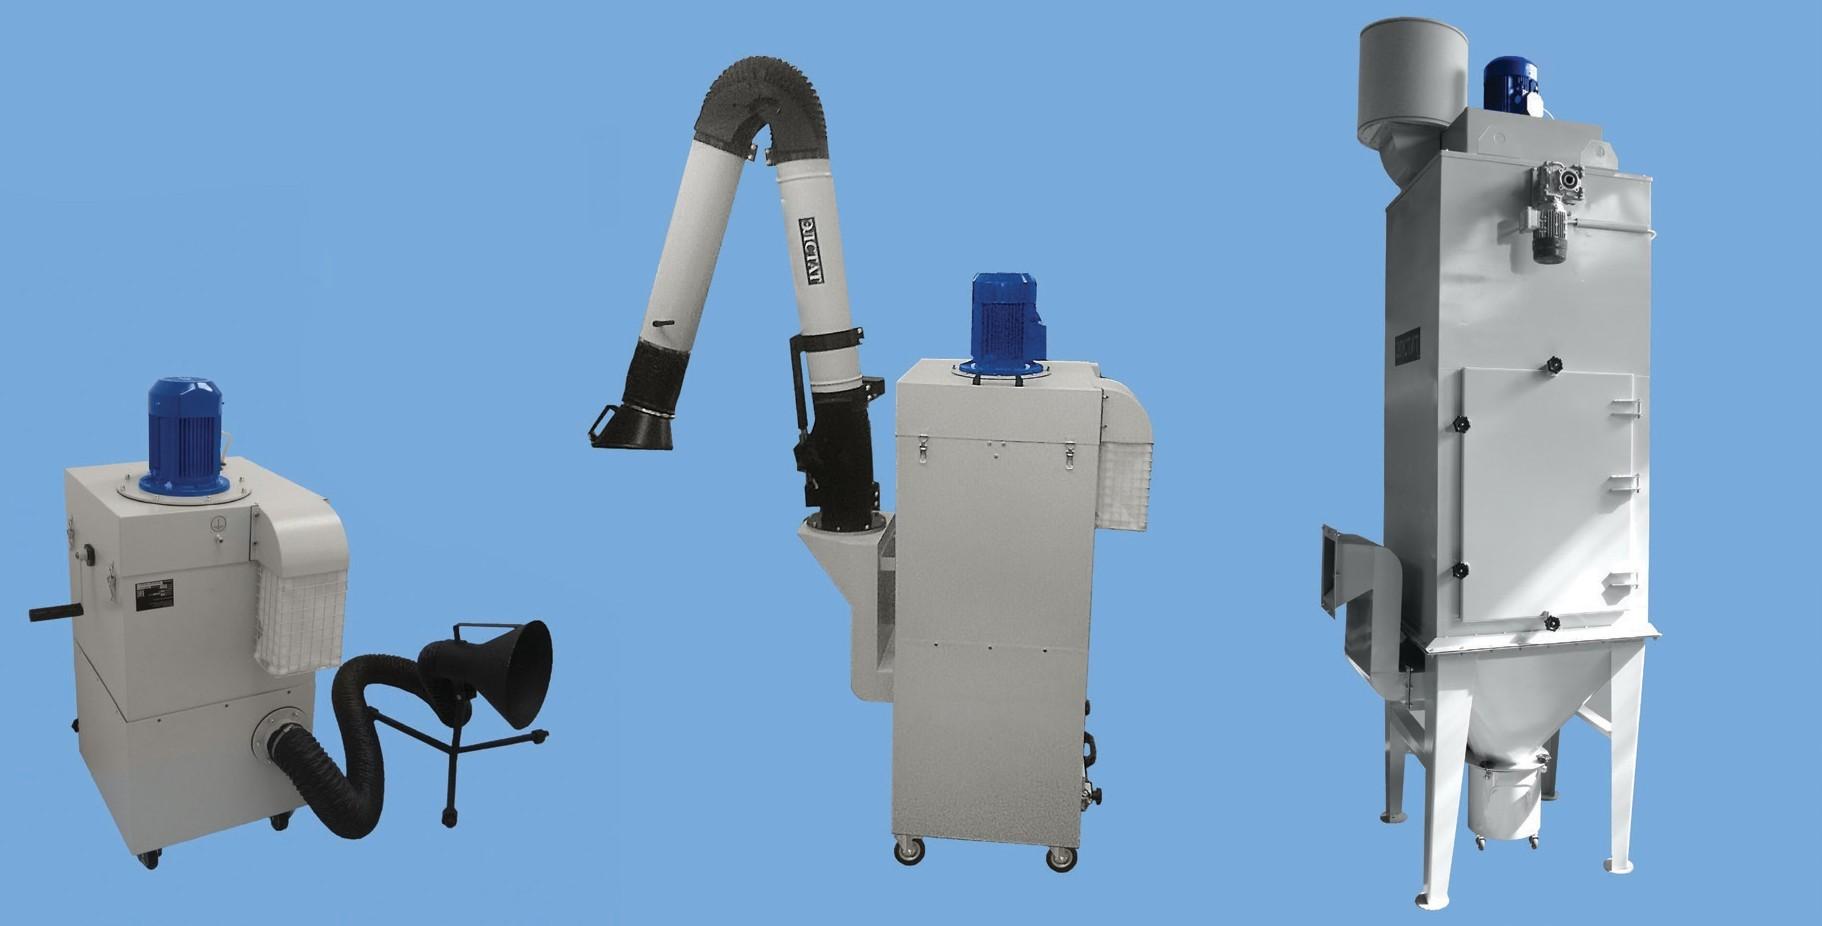 Агрегаты для отсоса и улавливания пыли АОУМ – пылеуловители с ручной, полуавтоматической или автоматической регенерацией встряхиванием фильтрующих элементов, с пультом управления, измерительными приборами. Передвижные и стационарные.